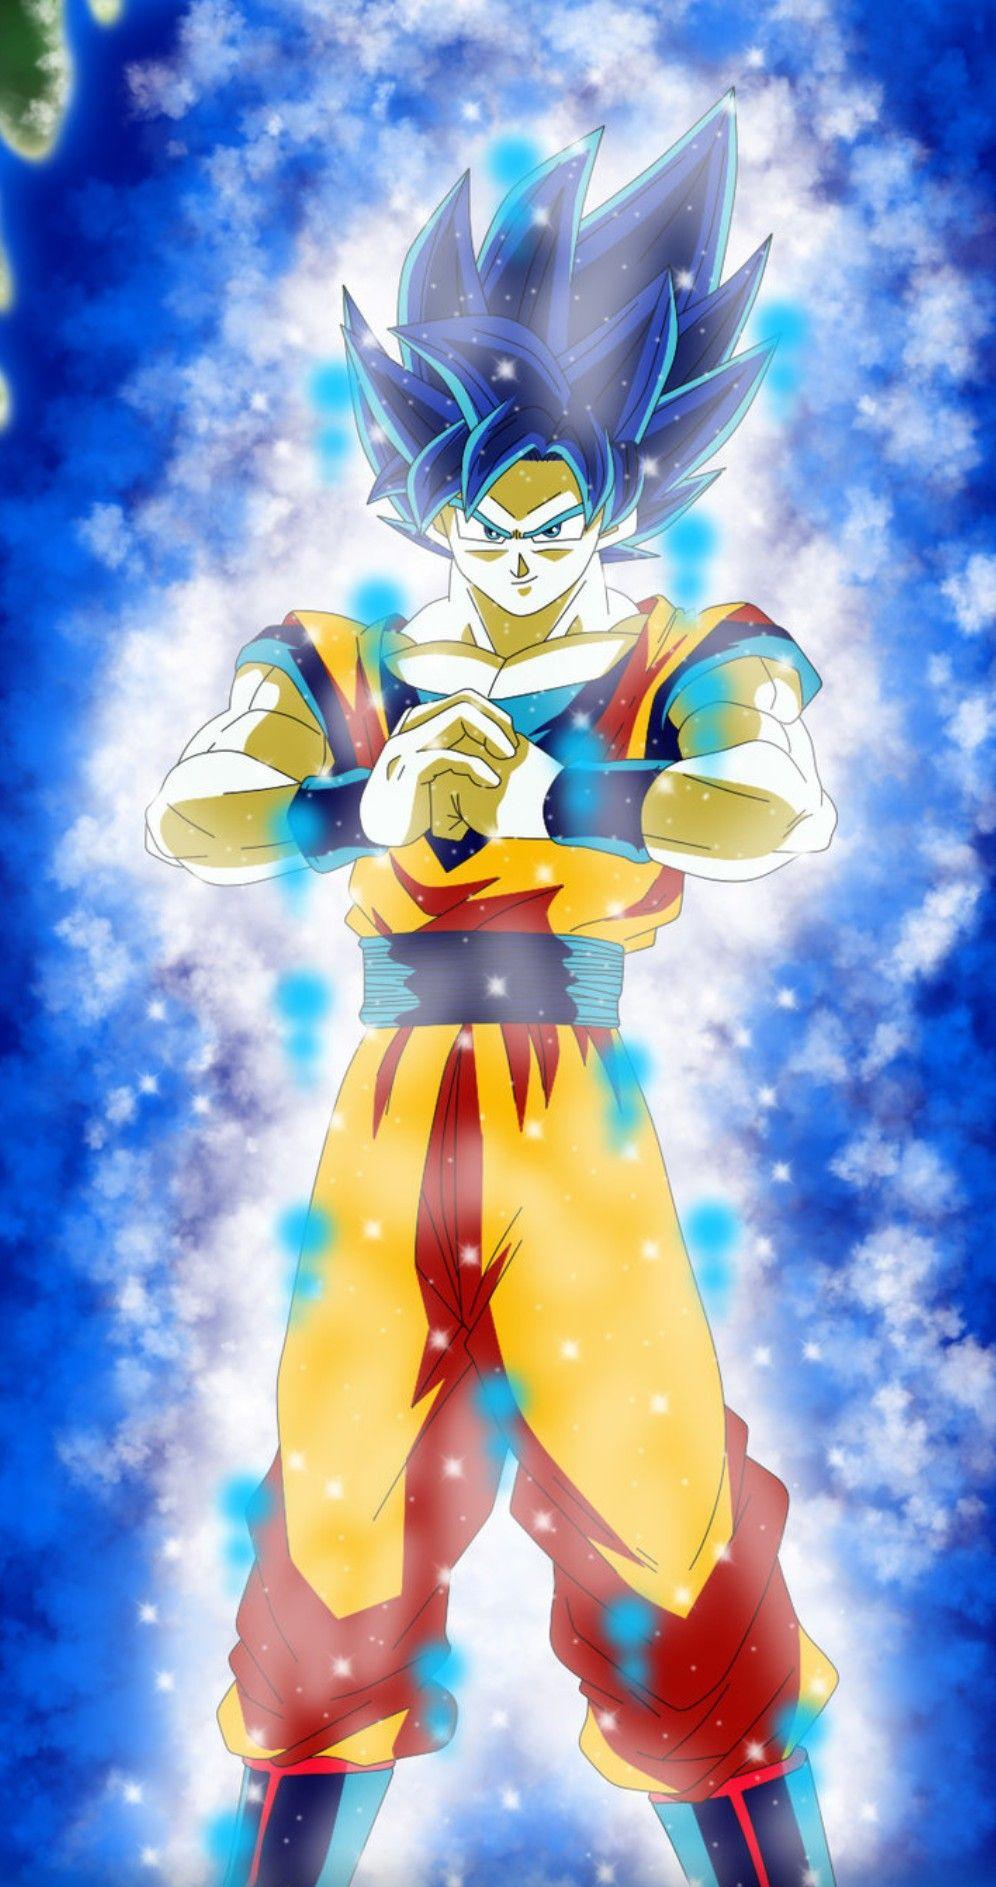 Goku super saiyan god evolution dragon ball super anime - Foto goku super saiyan god ...